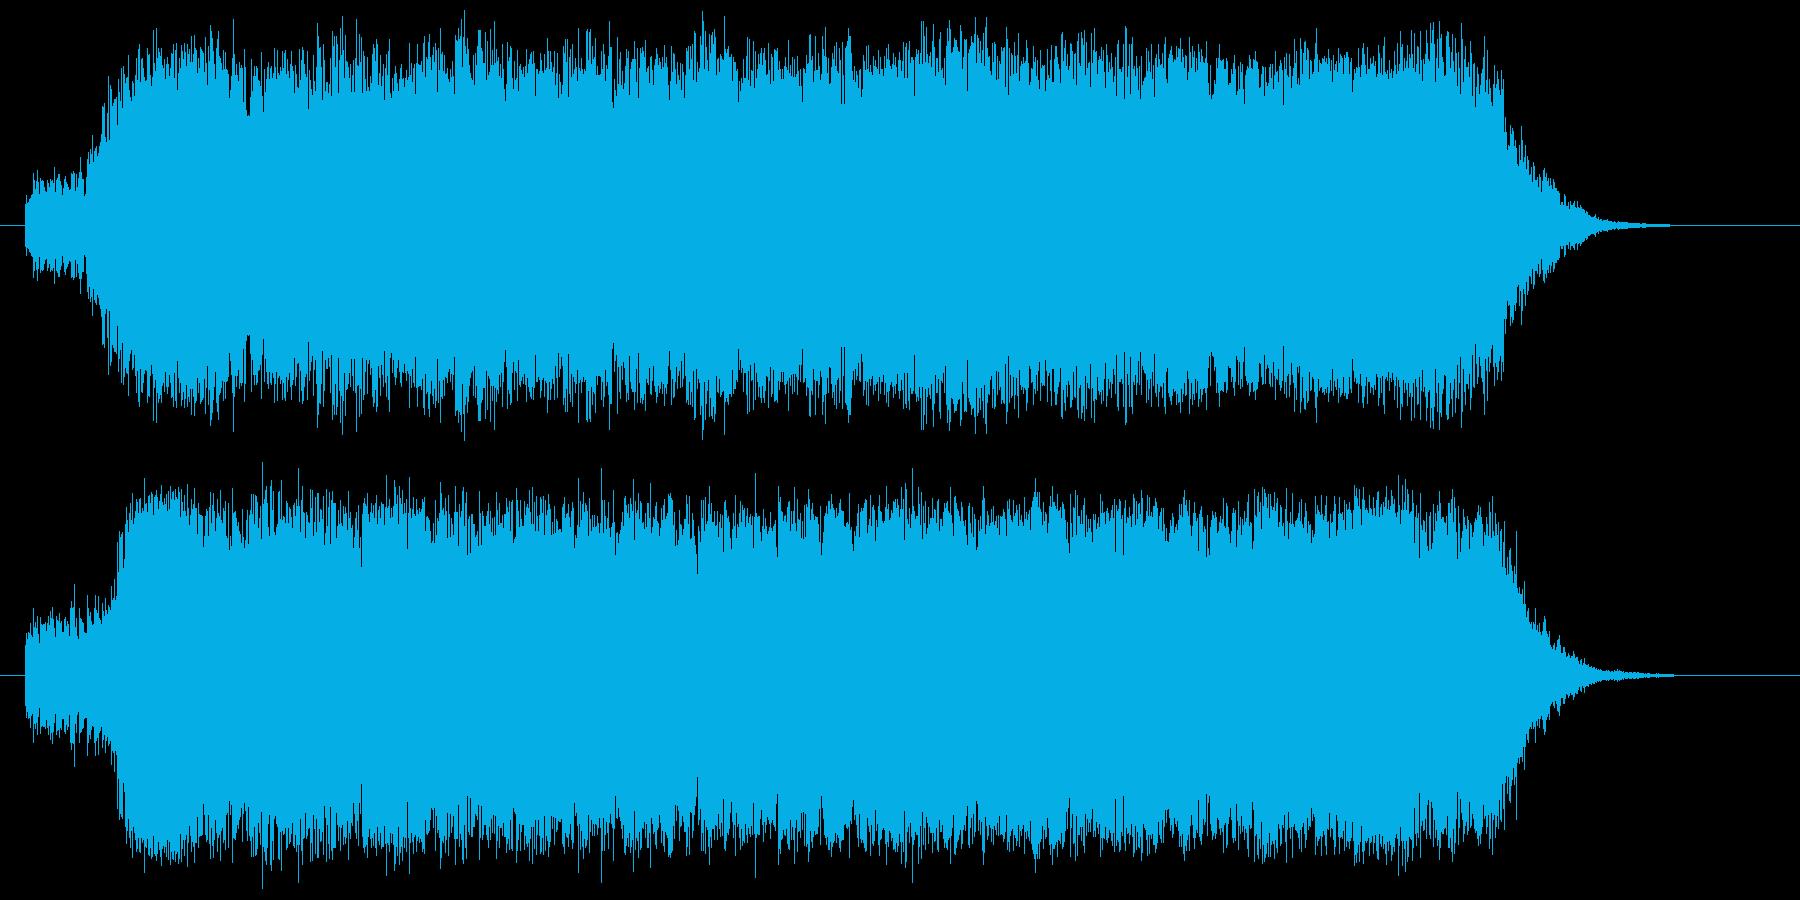 近未来感があり三味線が印象的なBGMの再生済みの波形